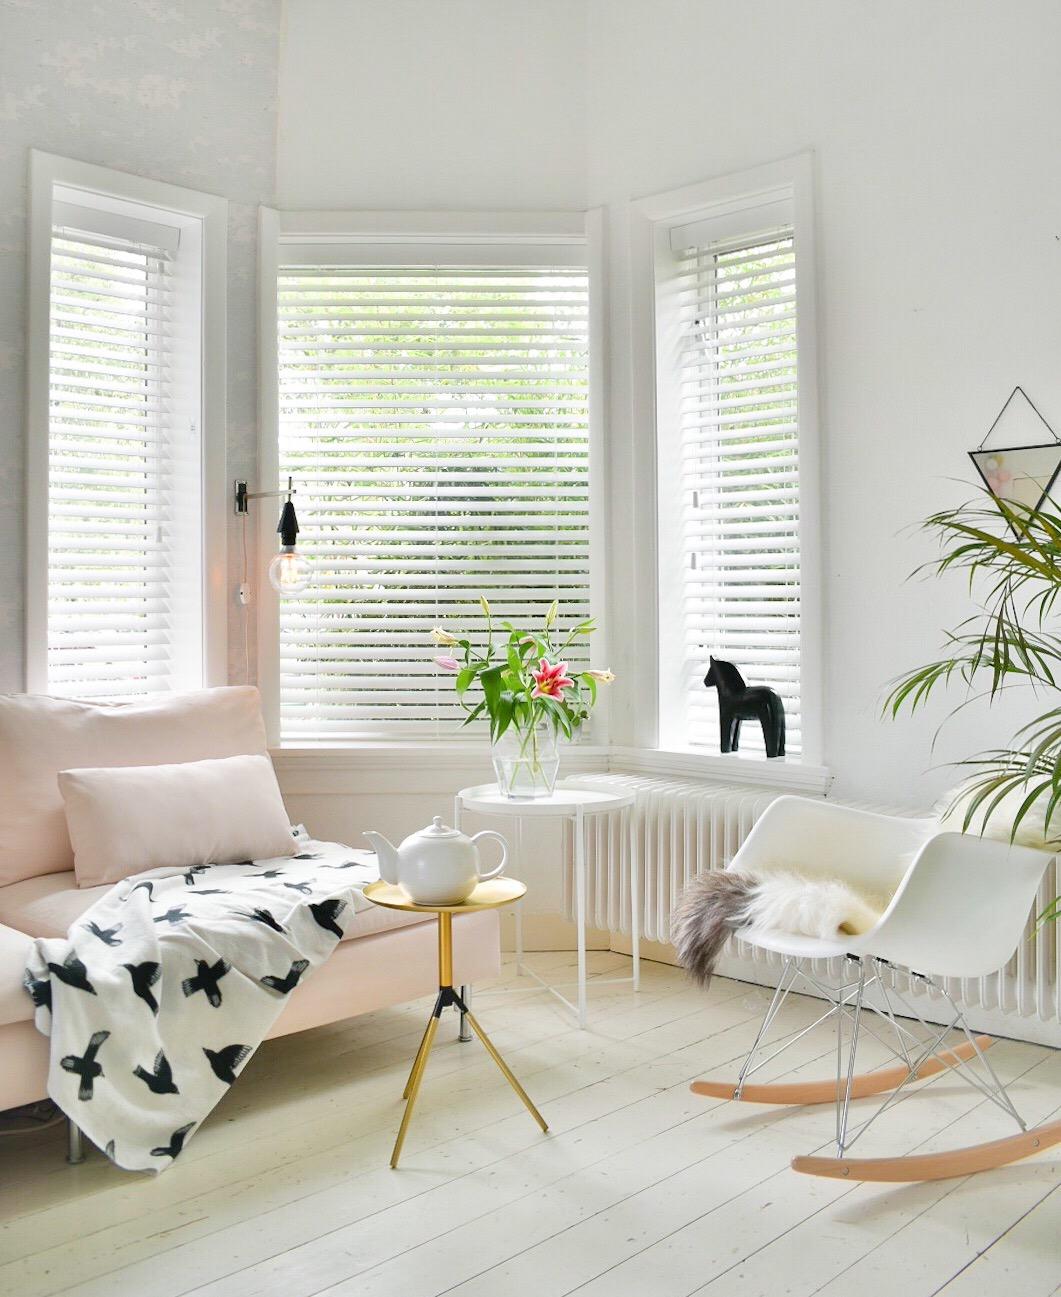 Dé ideale raambekleding voor de woonkamer! - Inspiraties - ShowHome.nl